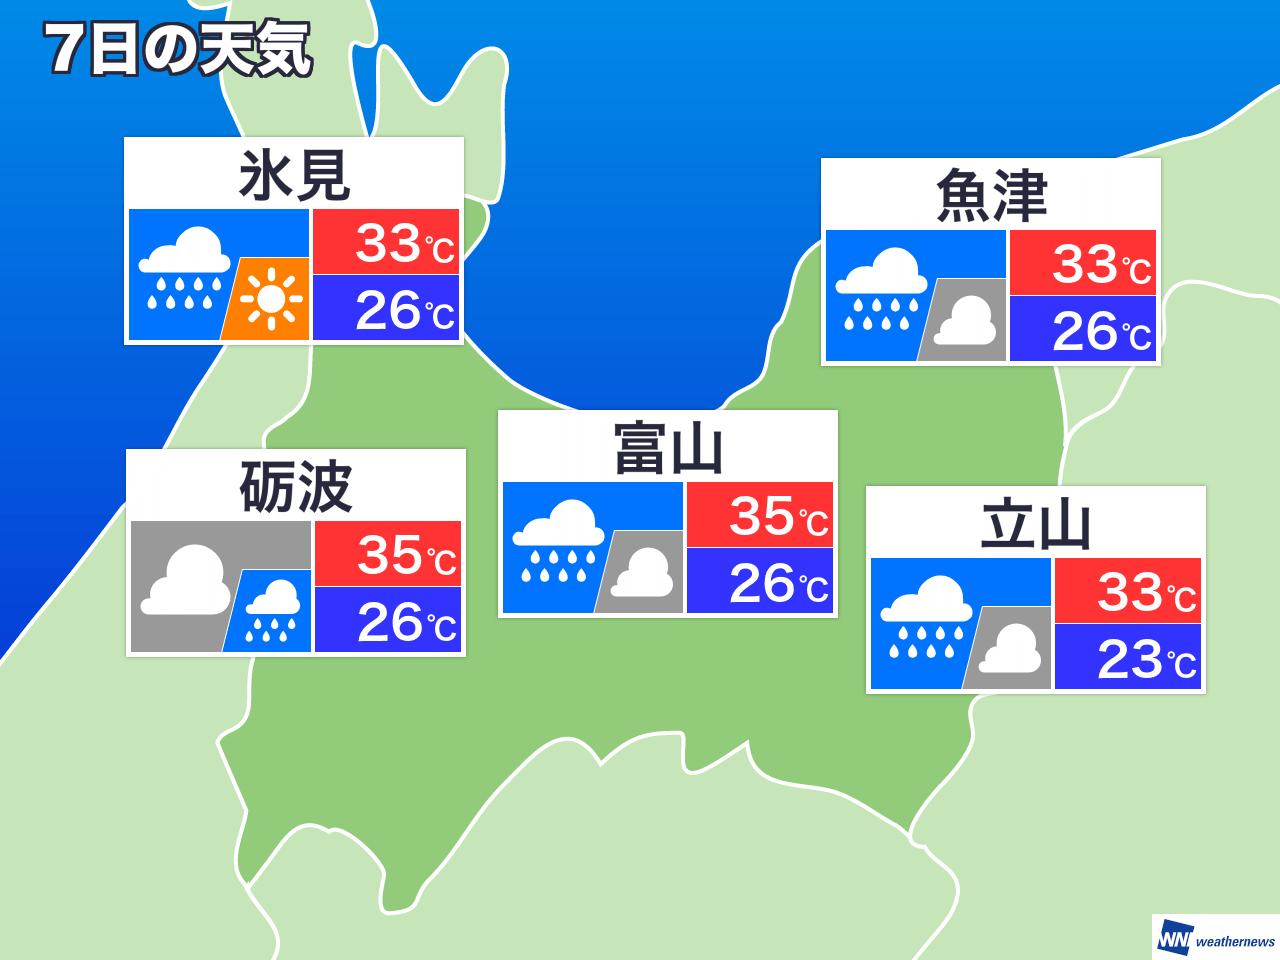 天気 魚津